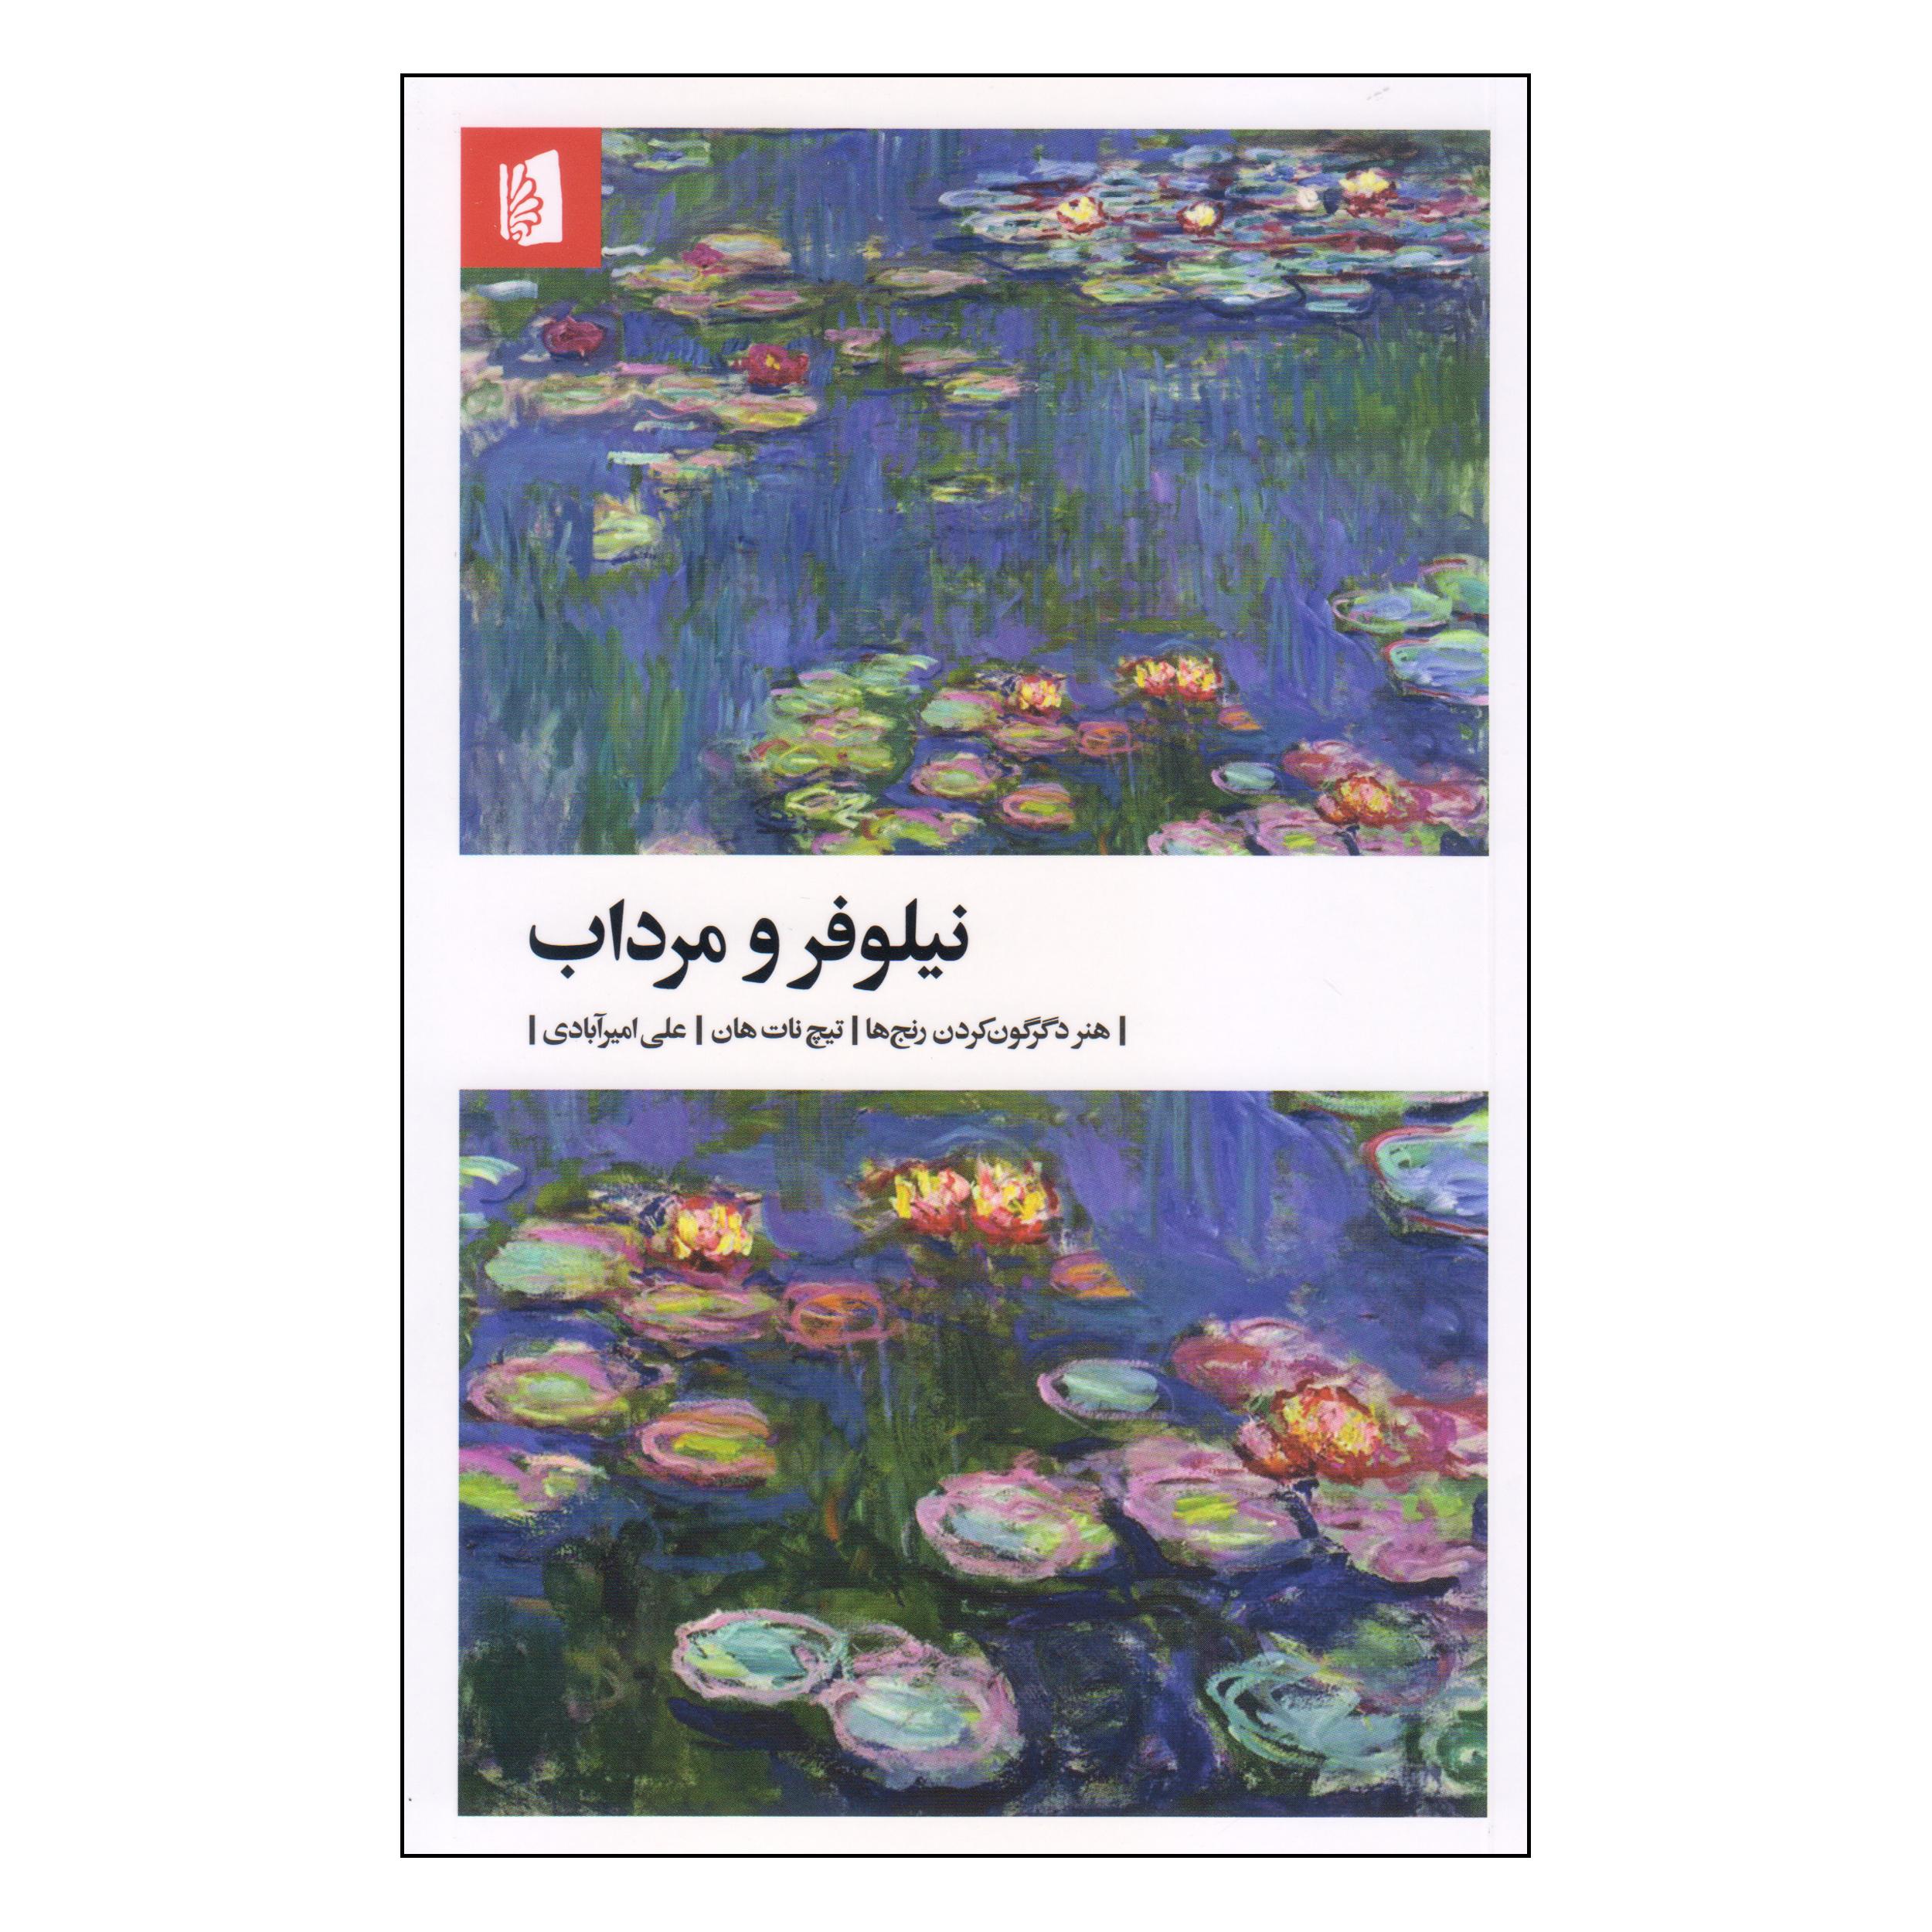 خرید                      کتاب نیلوفر و مرداب اثر تیچ نات هان نشر بیدگل